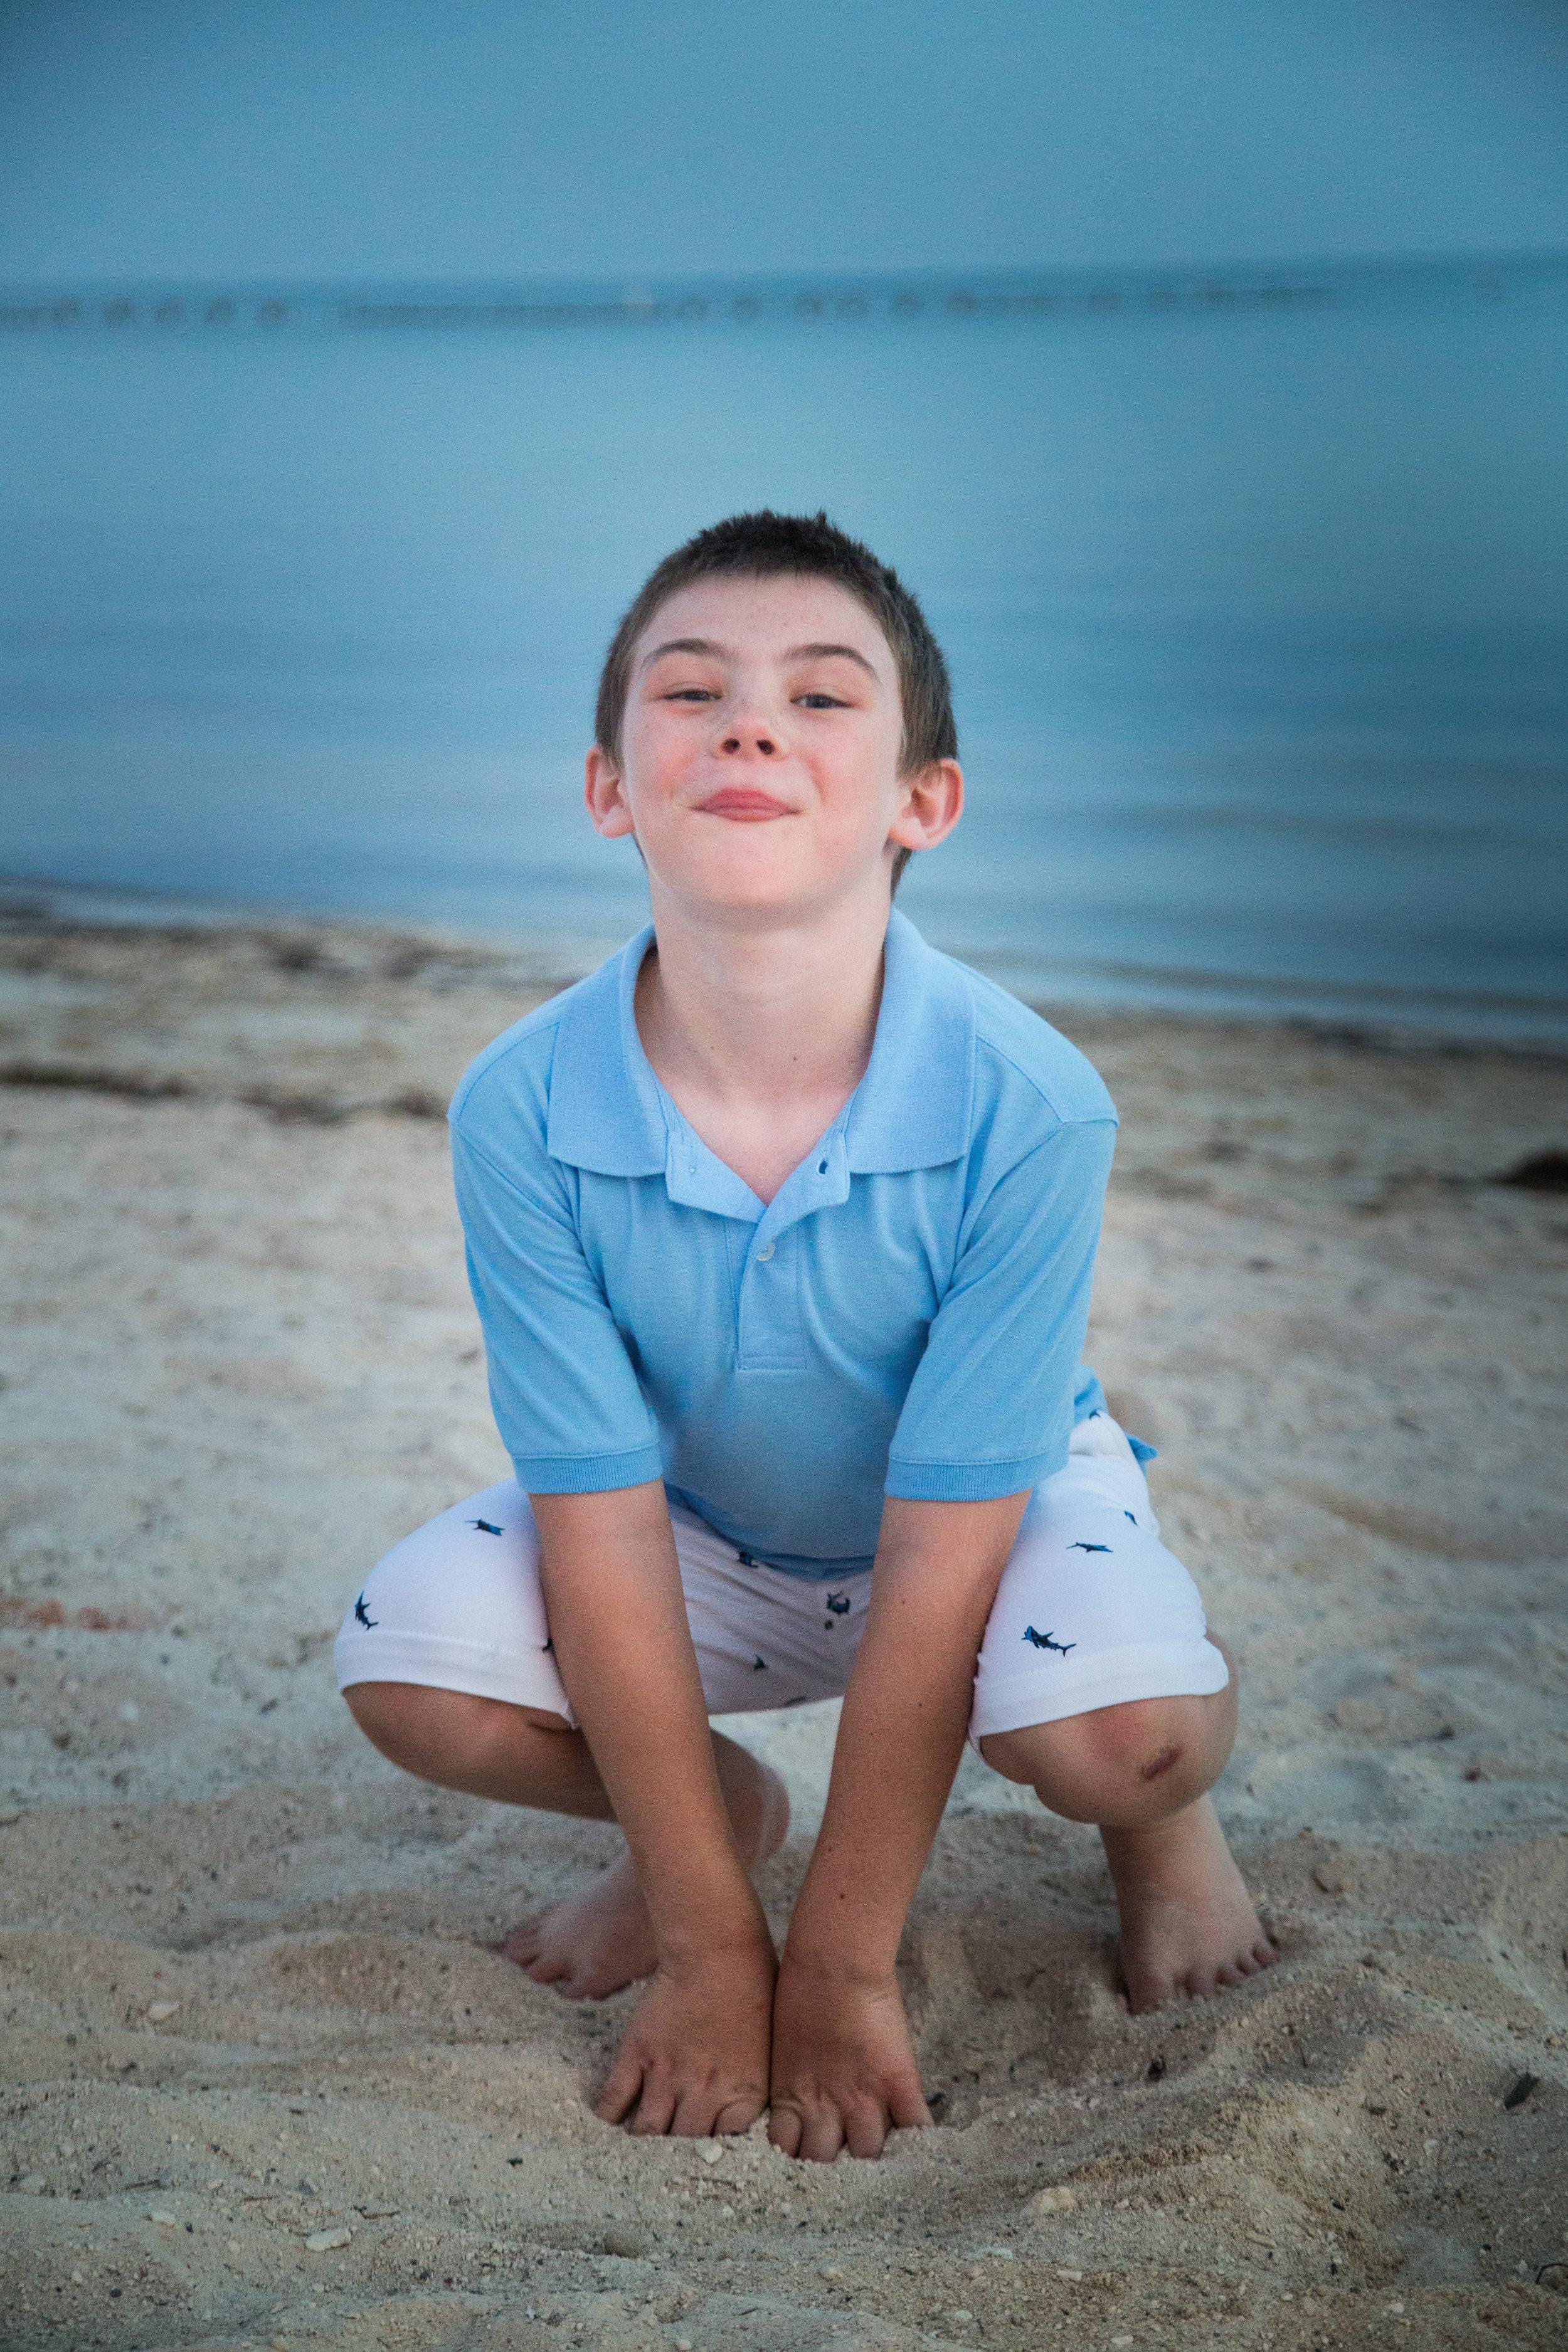 Cute-Kid-in-frog-pose-on-beach.jpg